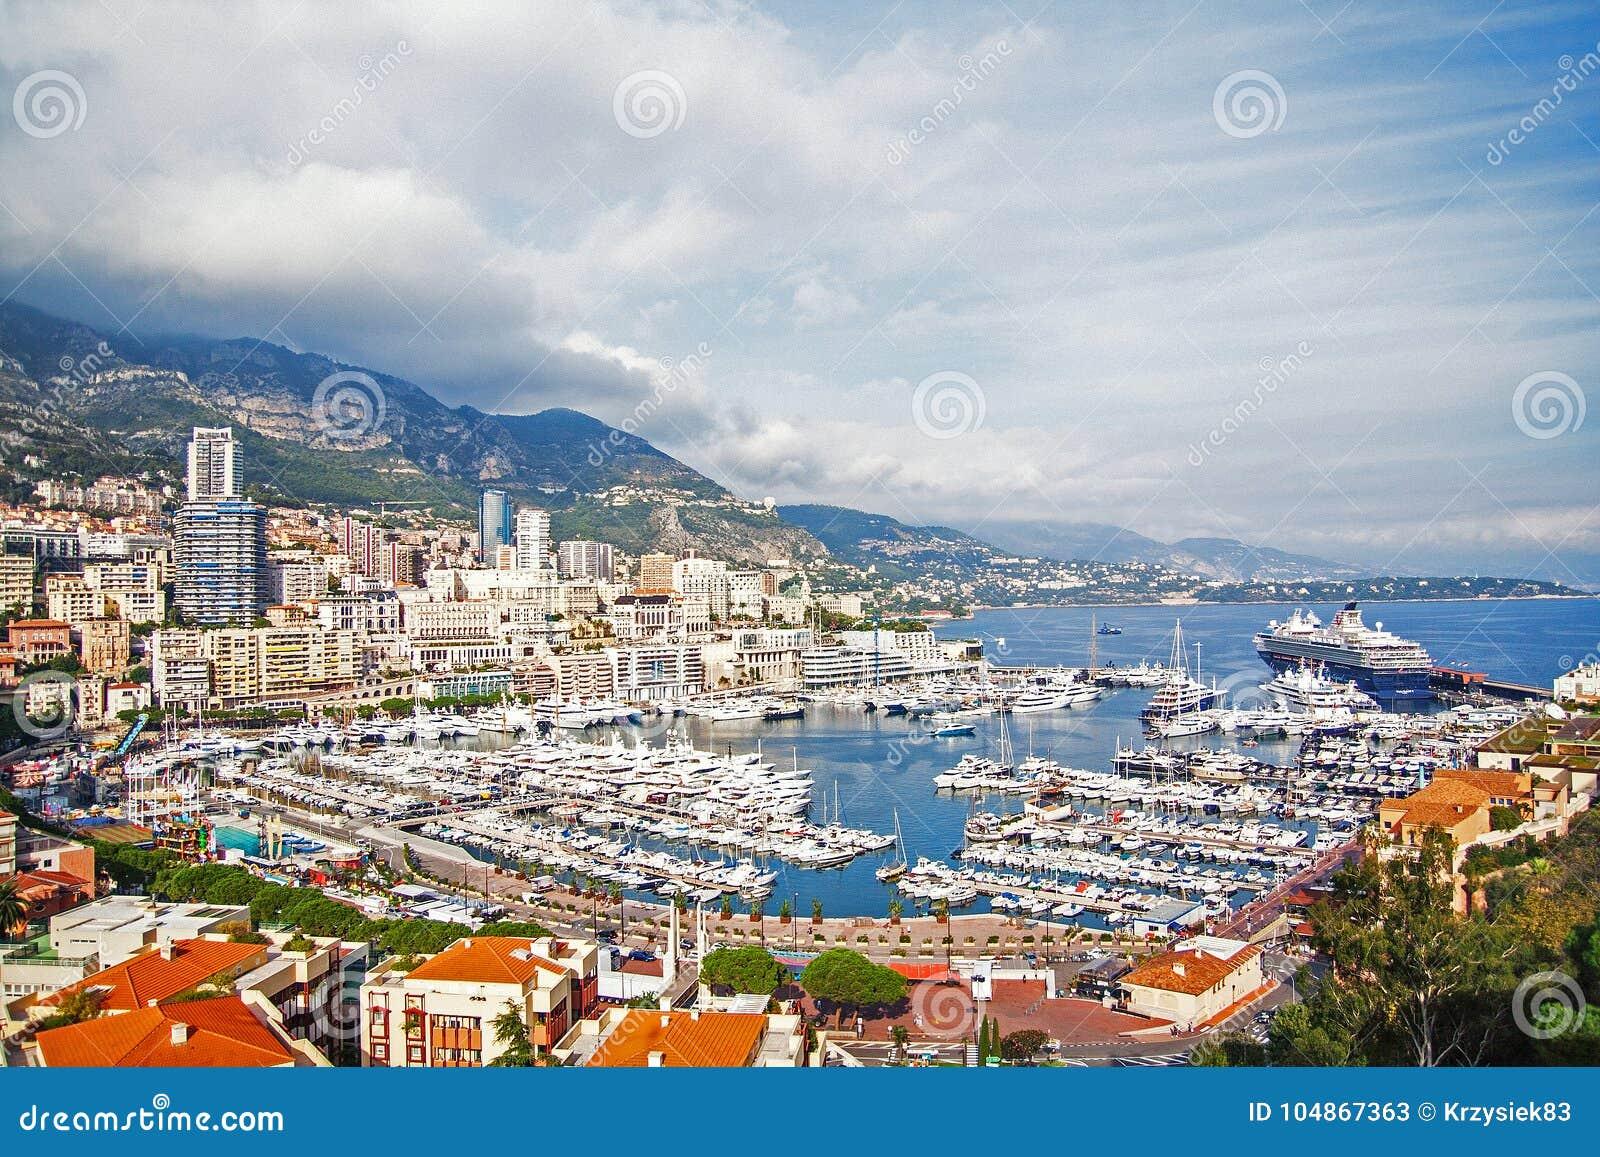 Монако заречье moscow один панорамный взгляд Туристическое судно, шлюпки, яхты и роскошь Немногие шаги от дворца ` s принца Монак